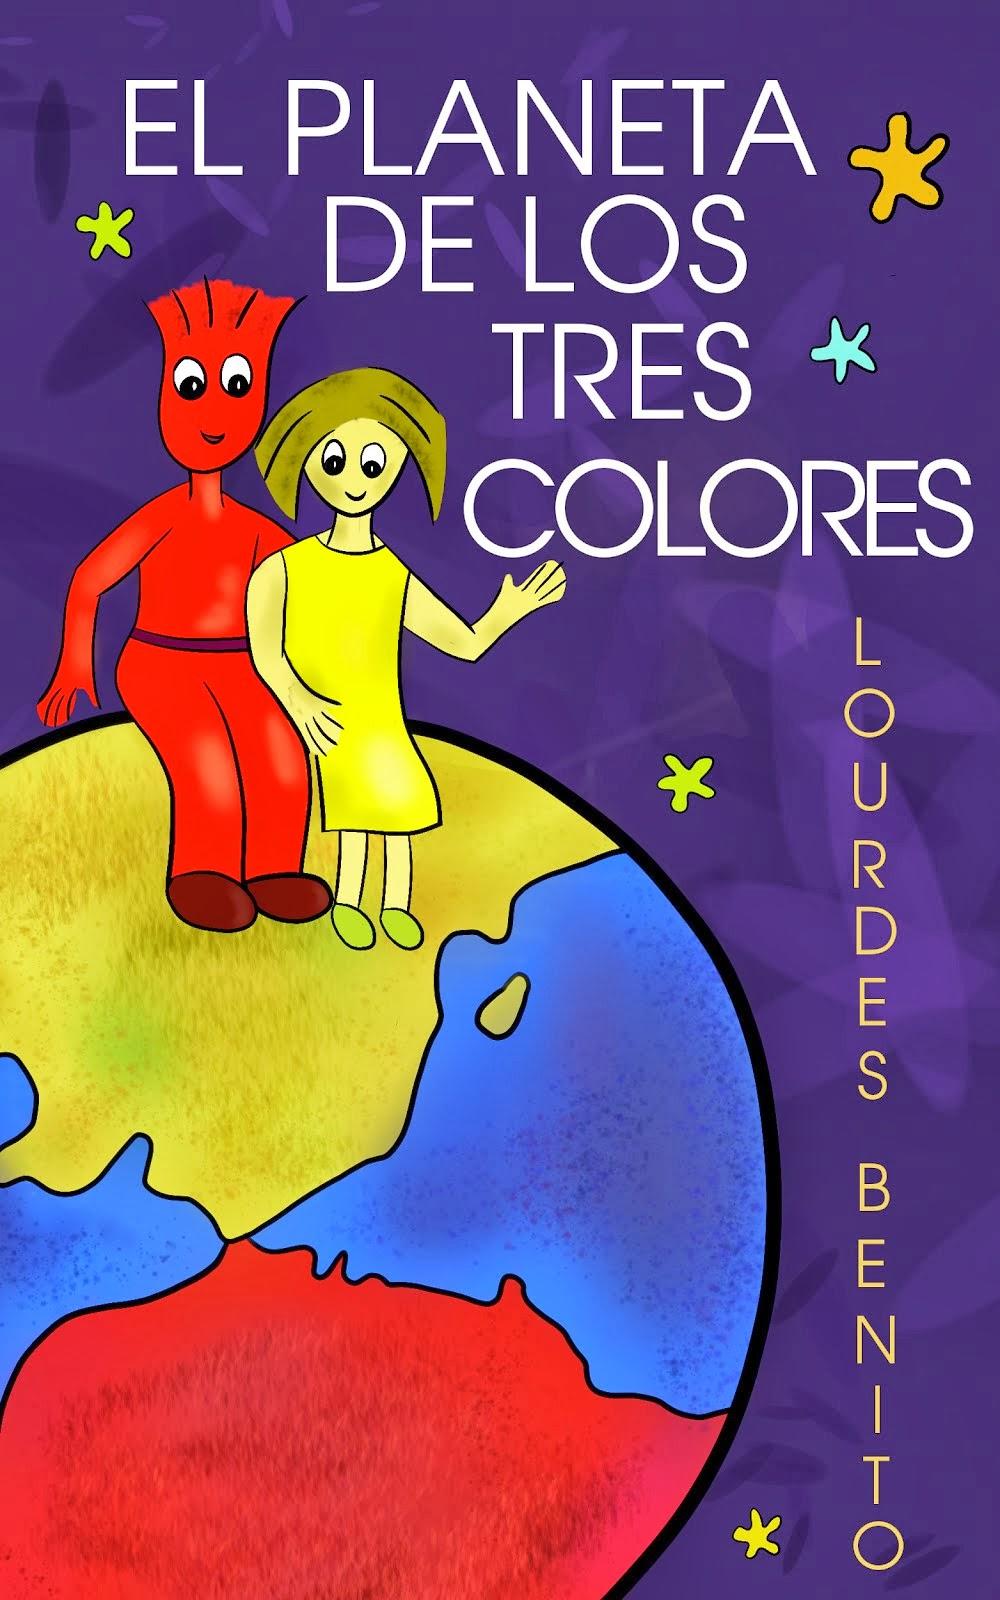 Cuenta la leyenda, que existía un planeta en el que sólo podíamos ver tres colores...